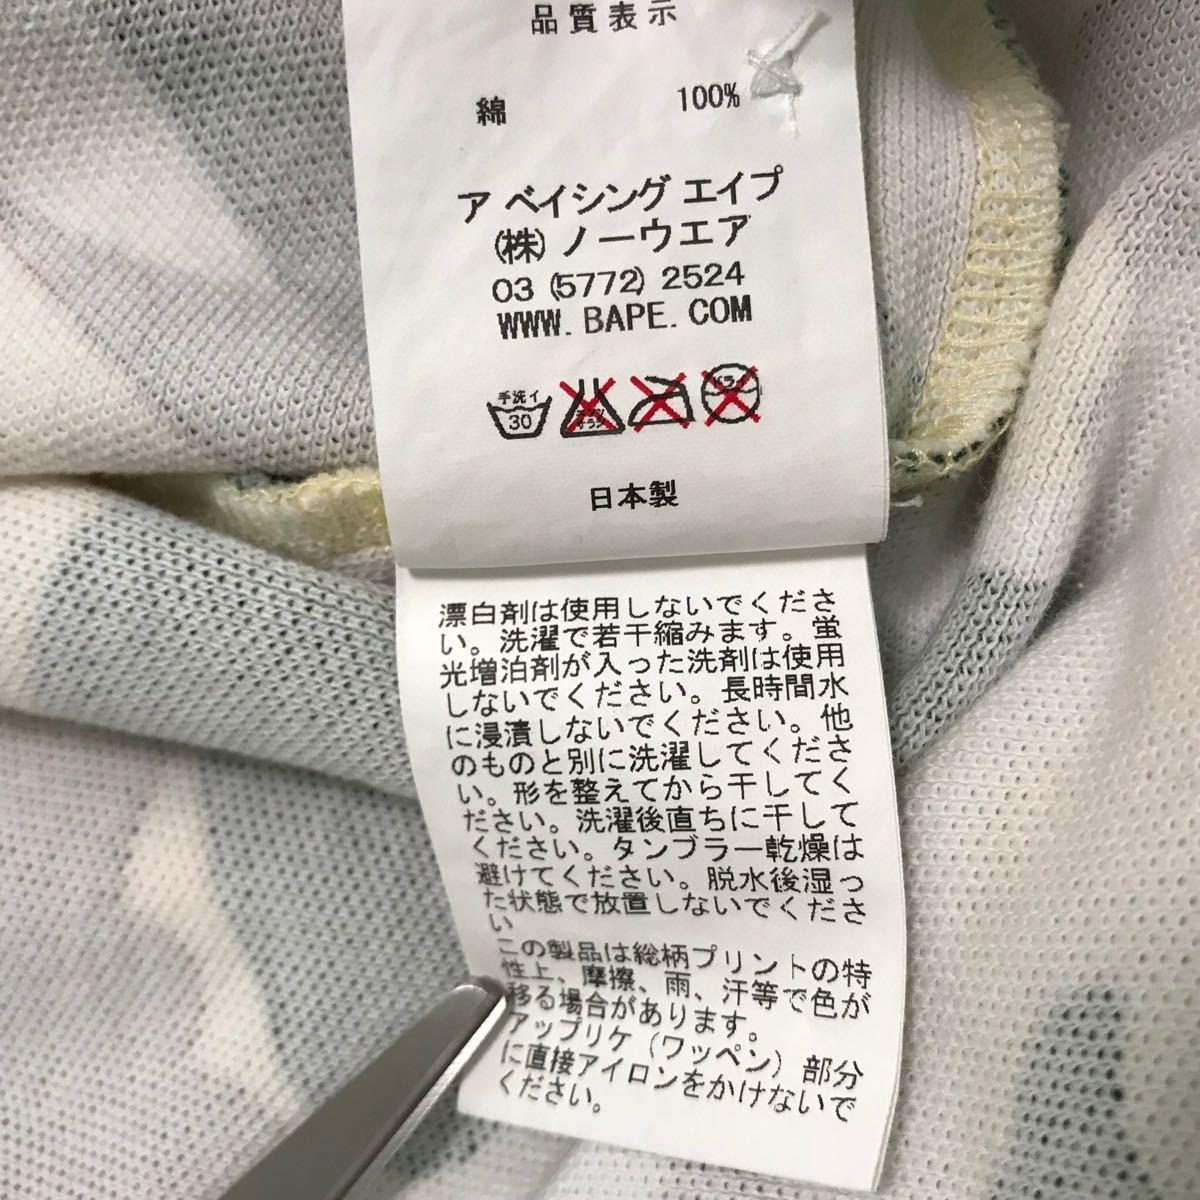 ★鹿児島限定★ kagoshima city camo ポロシャツ M a bathing ape bape エイプ ベイプ アベイシングエイプ 都市限定 店舗限定 カモフラ